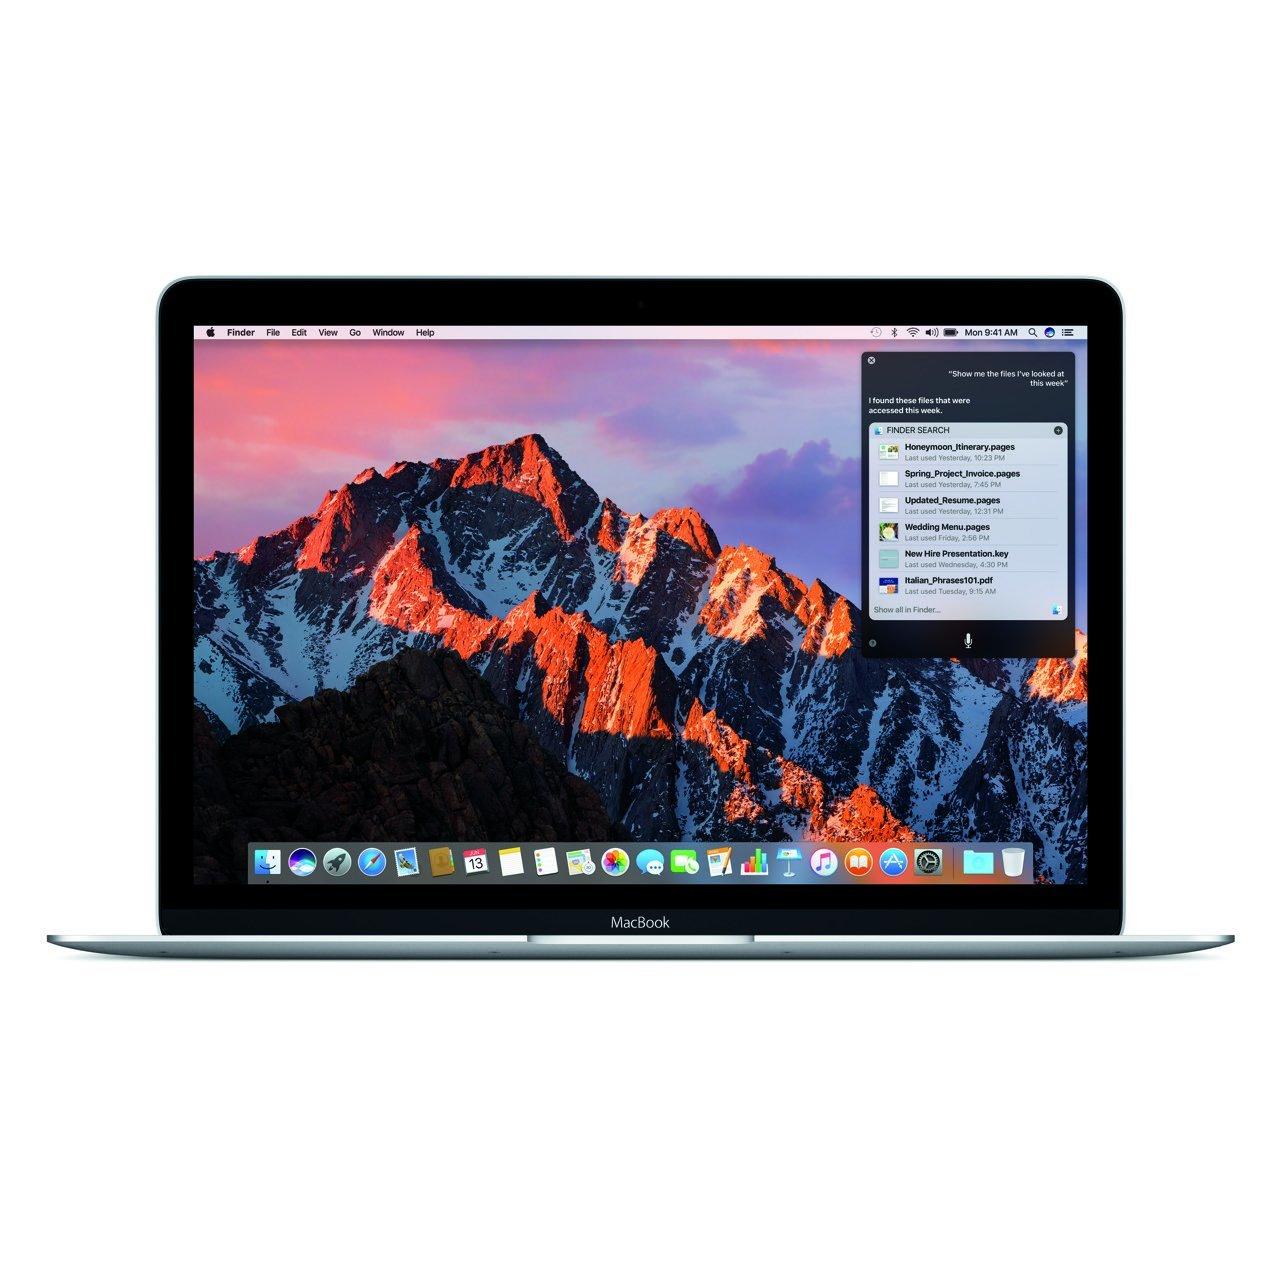 macOS Sierra Siri (MacBook) (2) - Apple